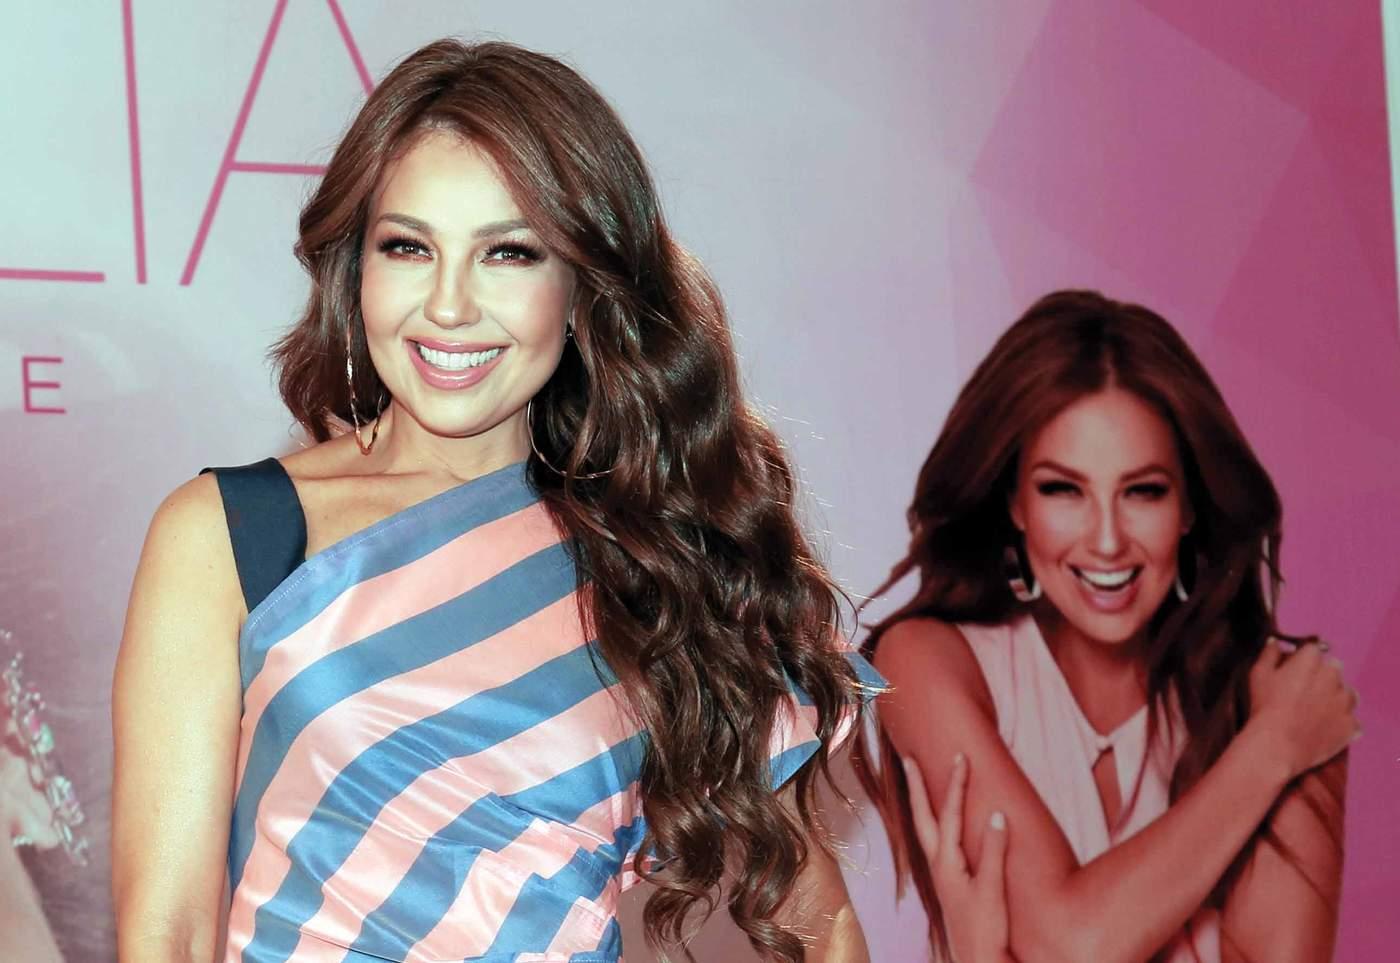 La actriz compartió una serie de fotografías en su cuenta de Instagram las cuales cautivaron a los fanáticos de la interprete. (ARCHIVO)